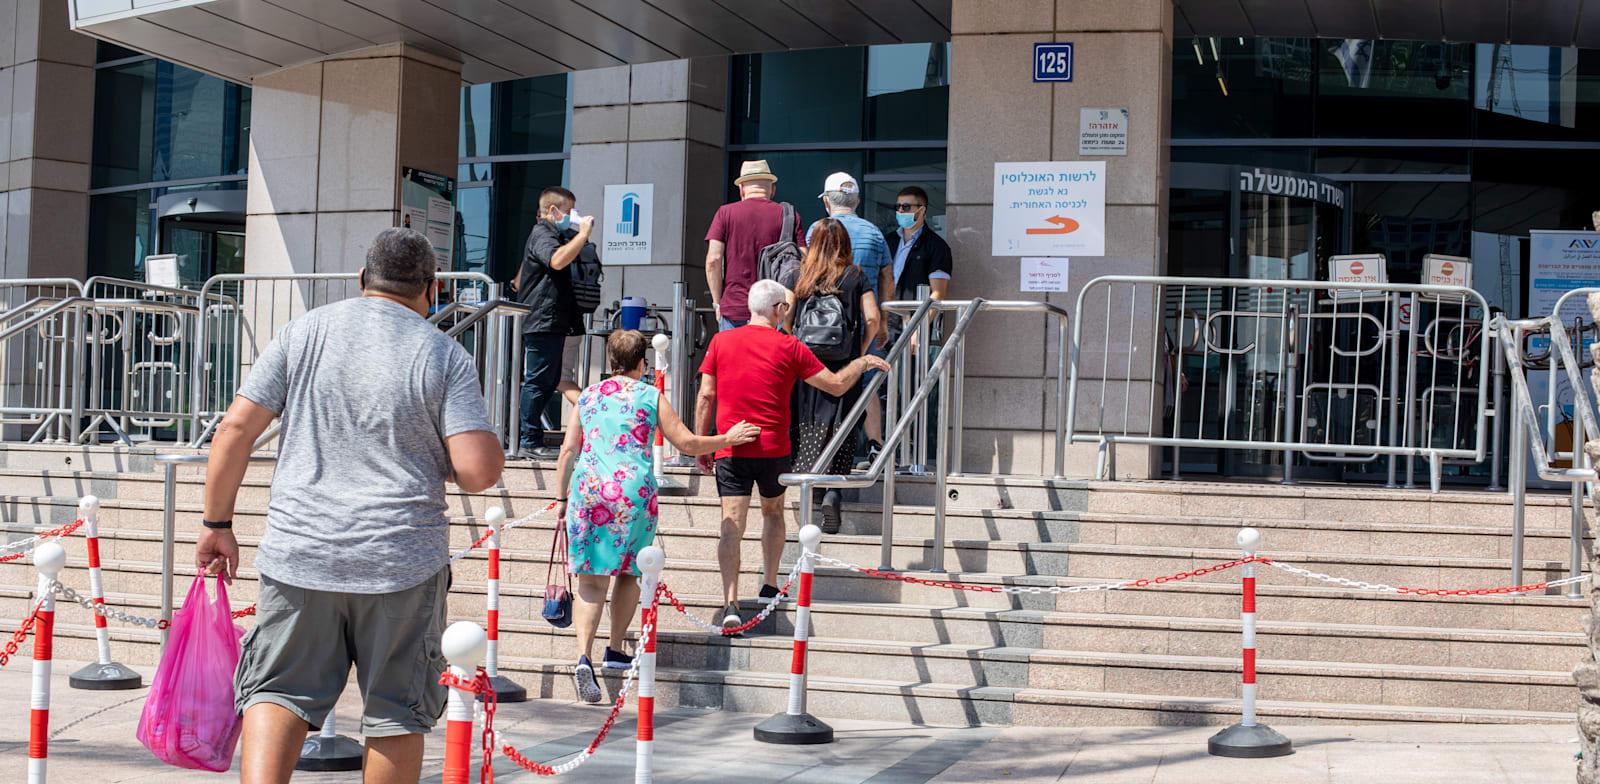 אבטלה בזמן קורונה / צילום: כדיה לוי